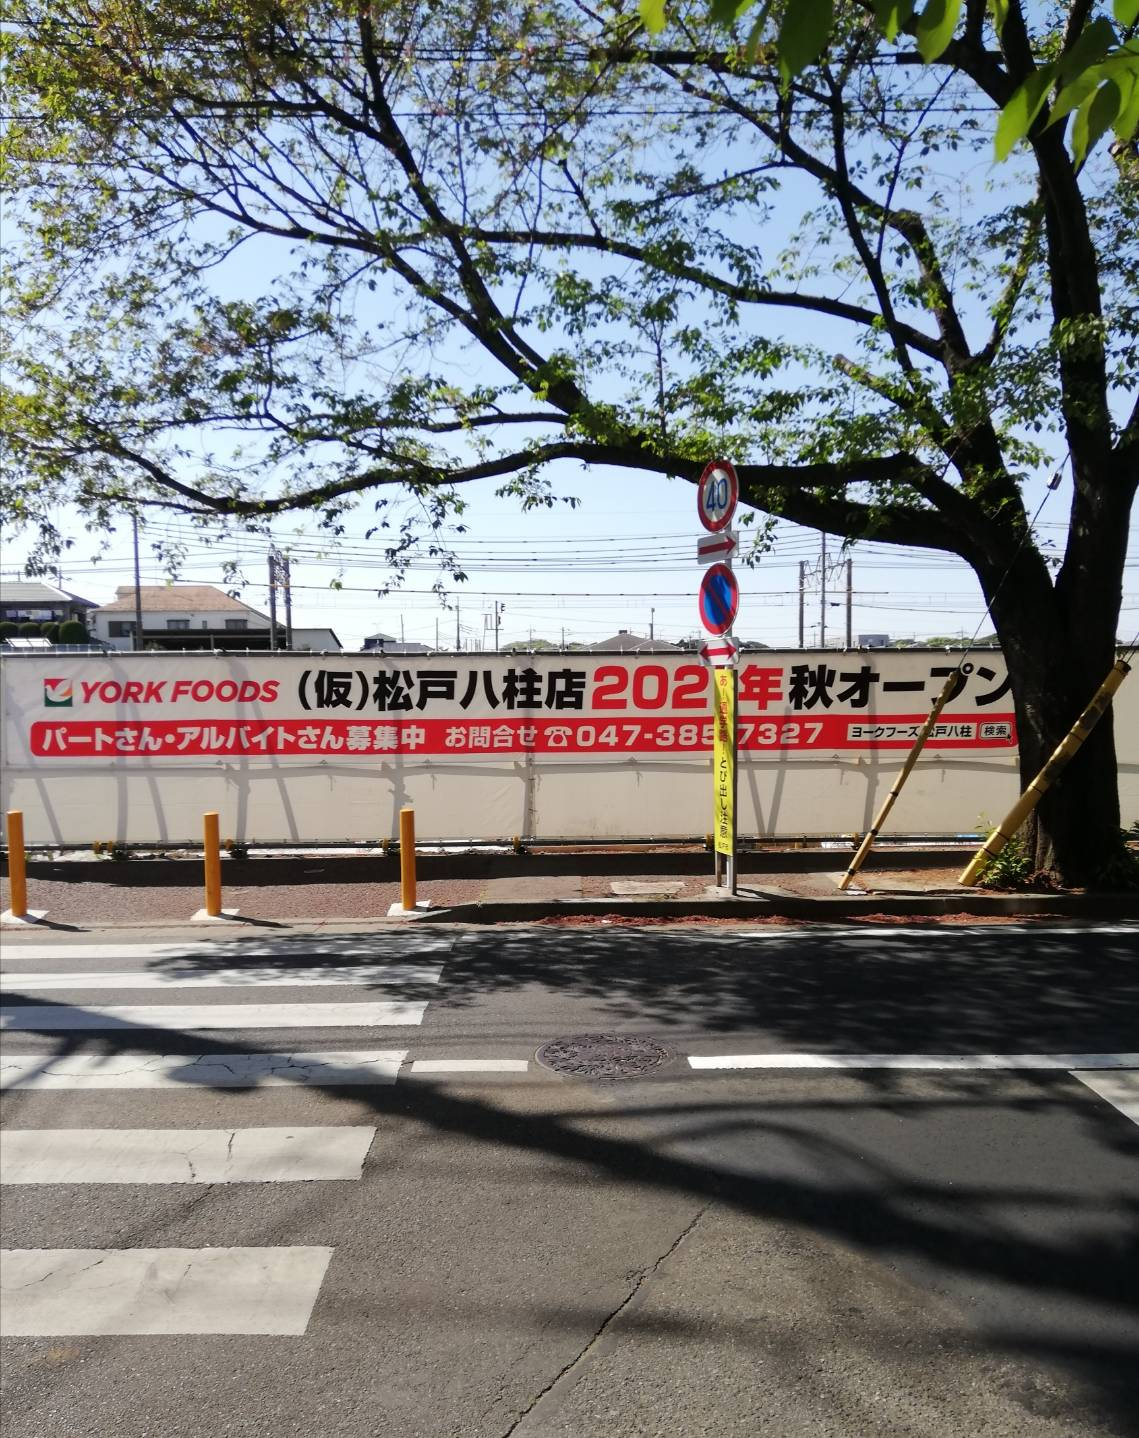 ヨークフーズ松戸八柱店10月13日オープン